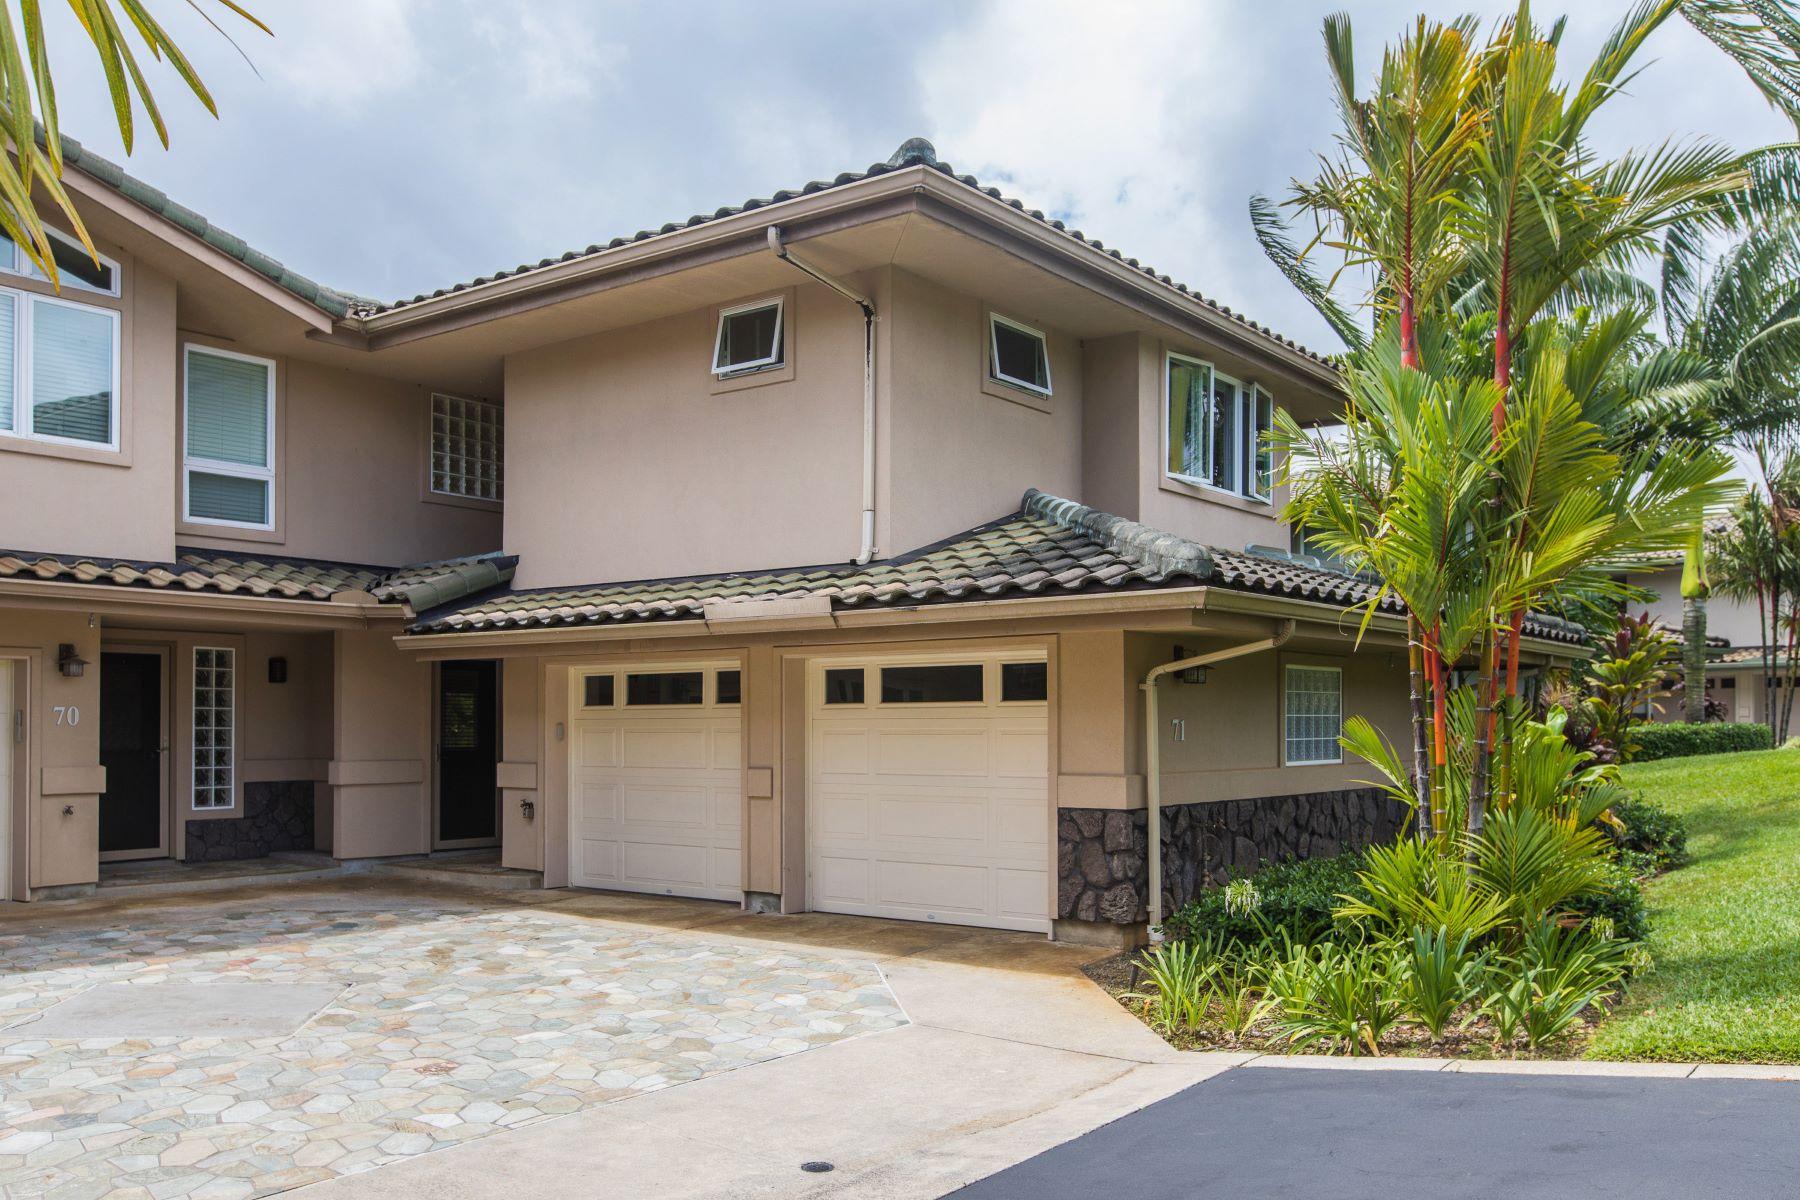 共管物業 為 出售 在 Beautiful, Modern Two Bedroom, 2 Bathroom Condominium on Kauai's North Shore 4100 Queen Emma Drive #71 Princeville, 夏威夷, 96722 美國